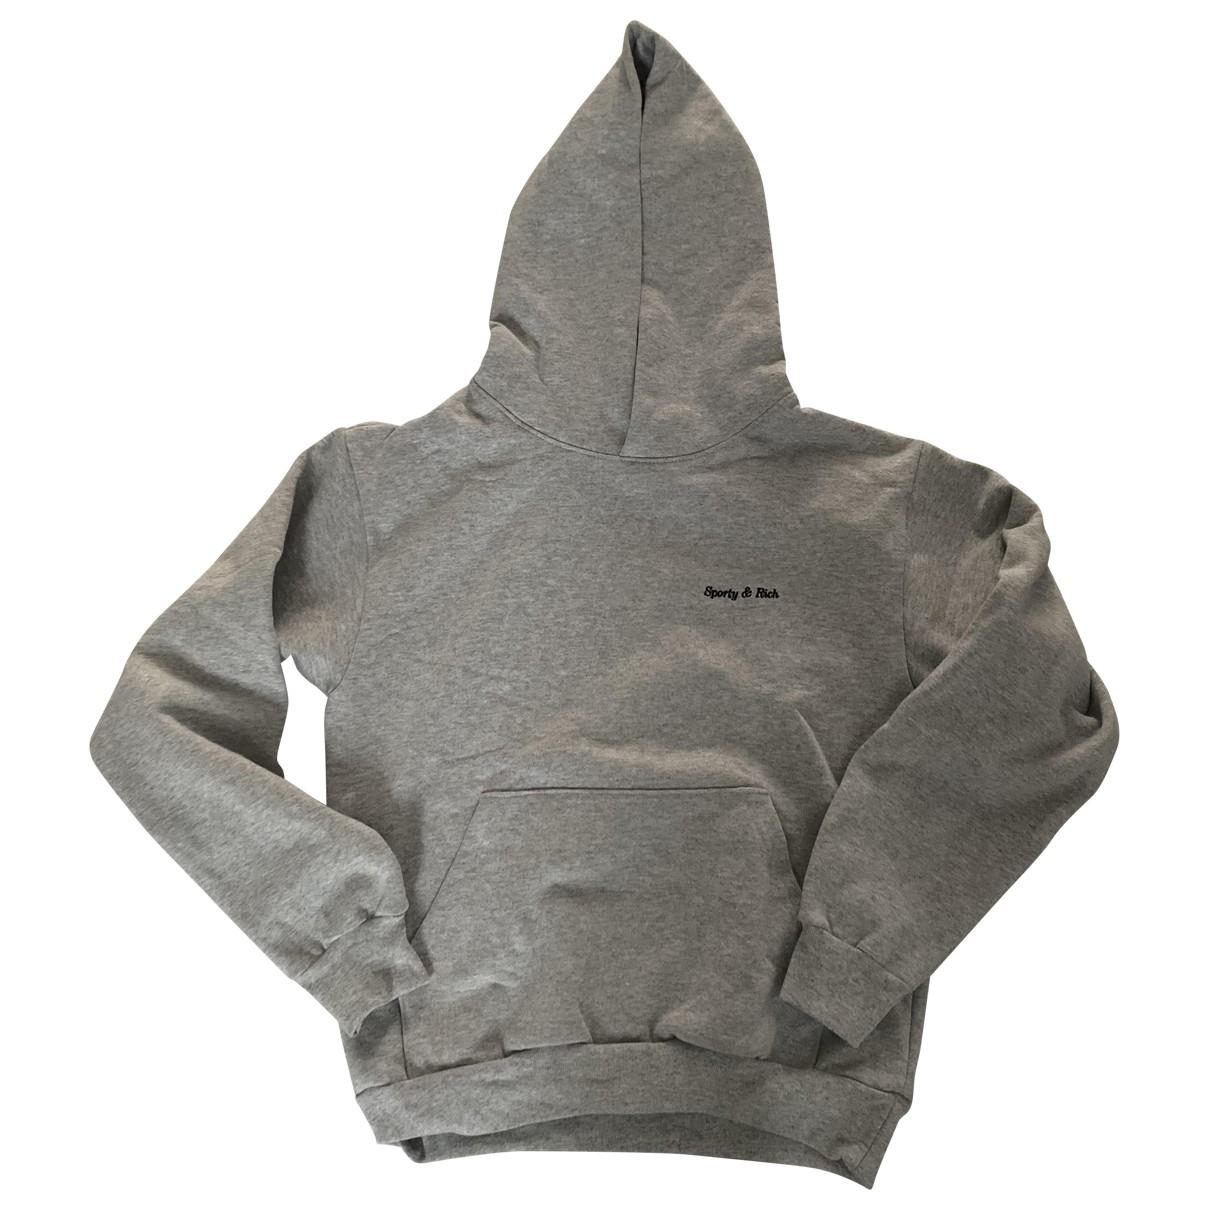 Sporty & Rich \N Grey Cotton Knitwear for Women S International